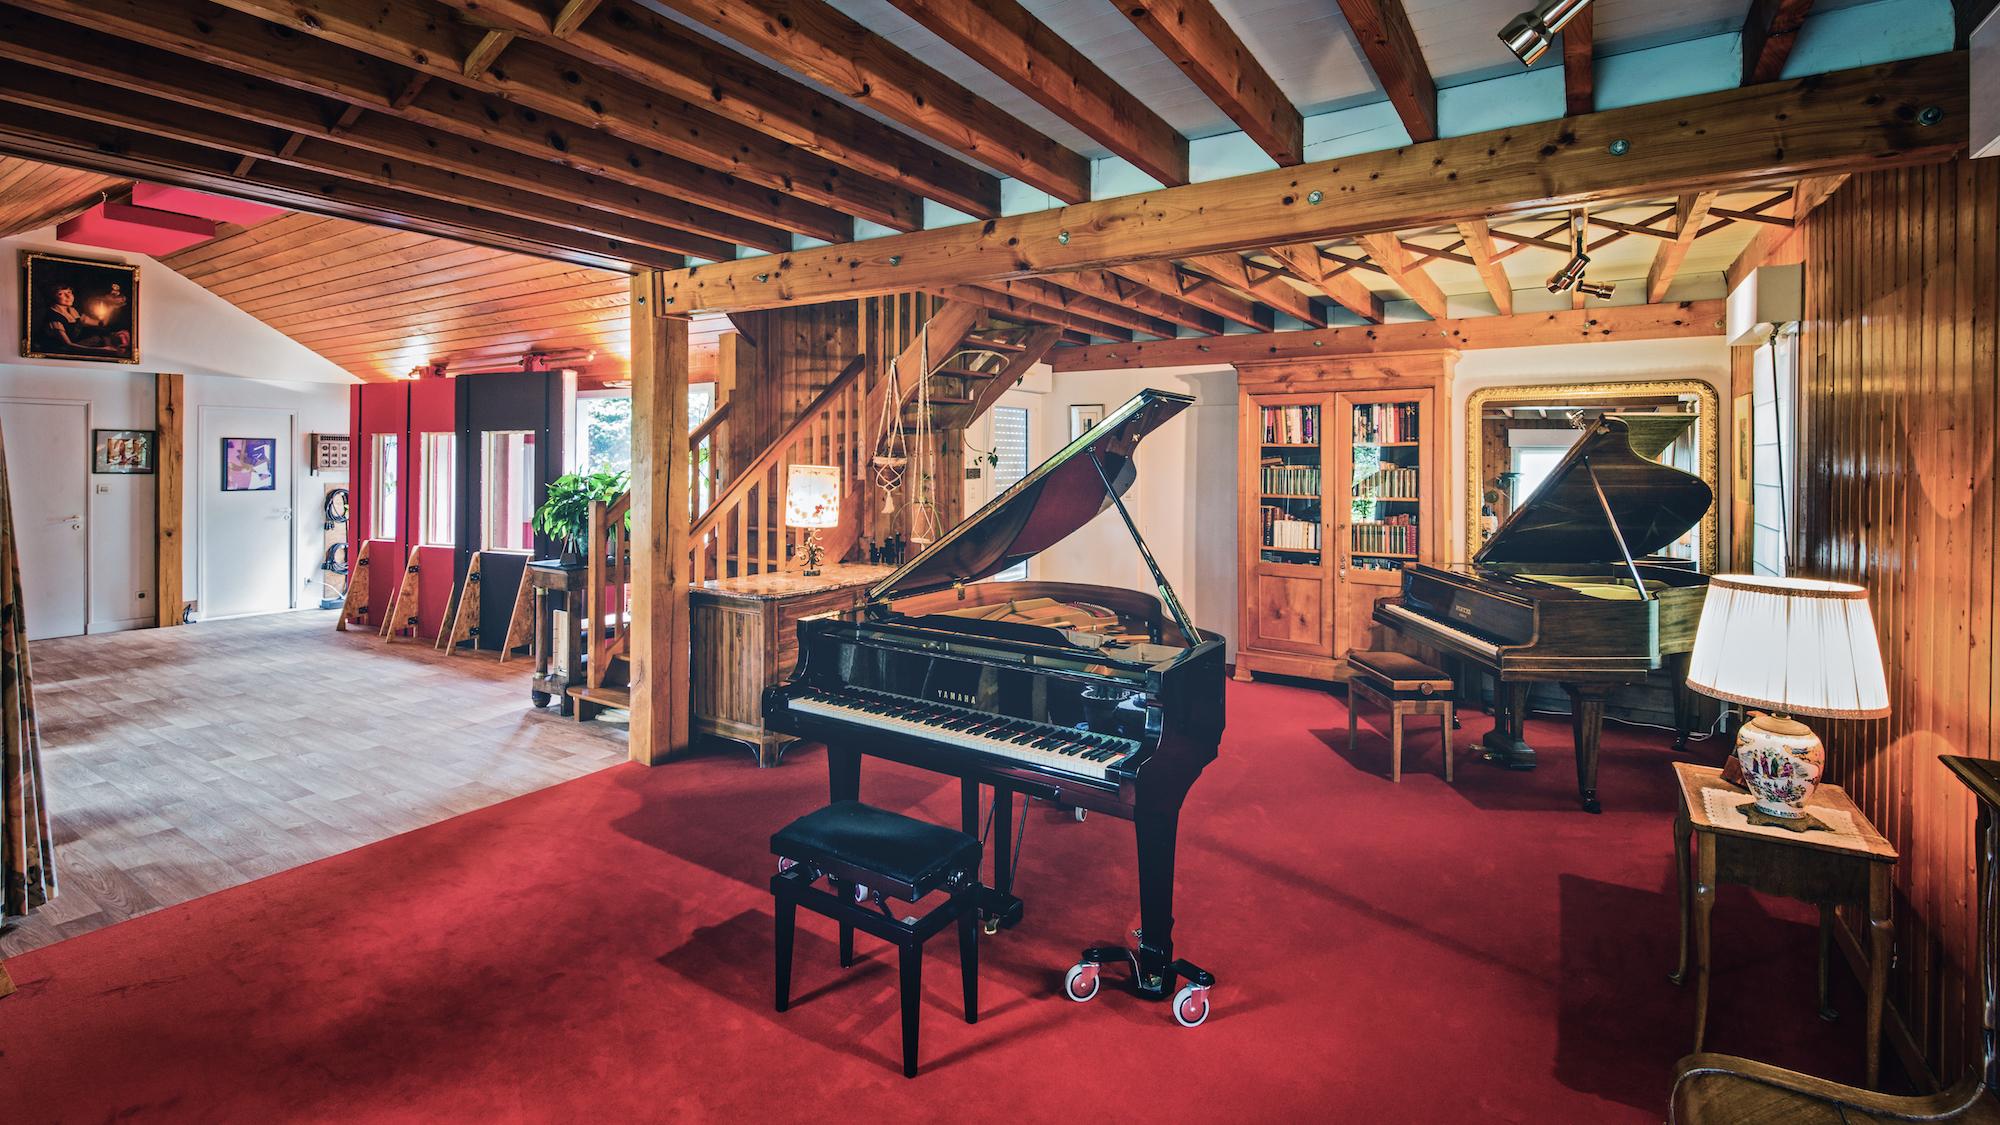 altsonik studio d 39 enregistrement rennes bretagne rennes 35000. Black Bedroom Furniture Sets. Home Design Ideas